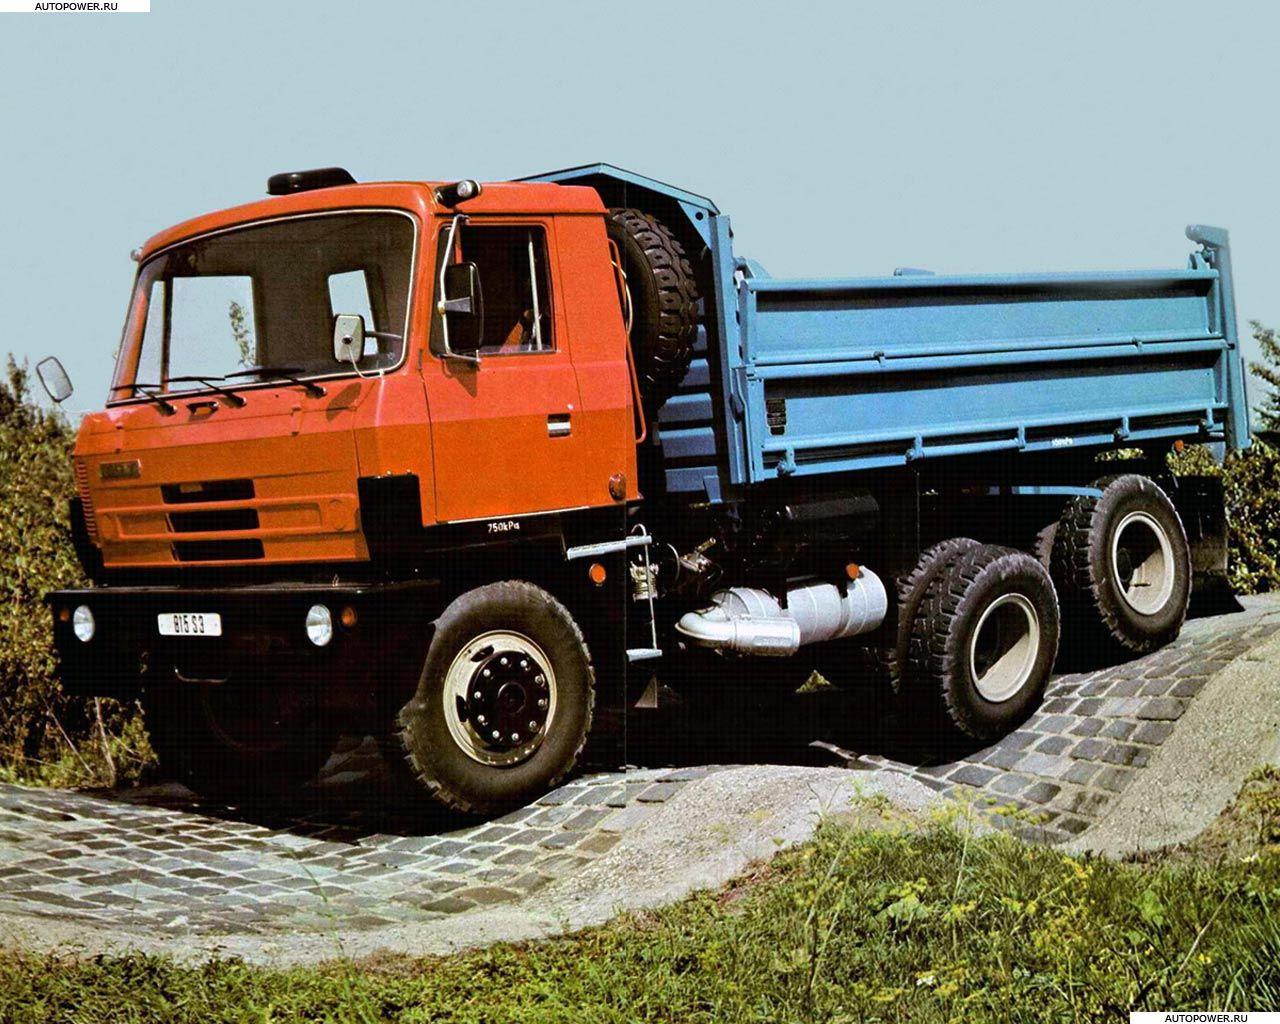 Tatra t815 10x10 tatra czech republic kop ivnice pinterest pacific car heavy truck and road train